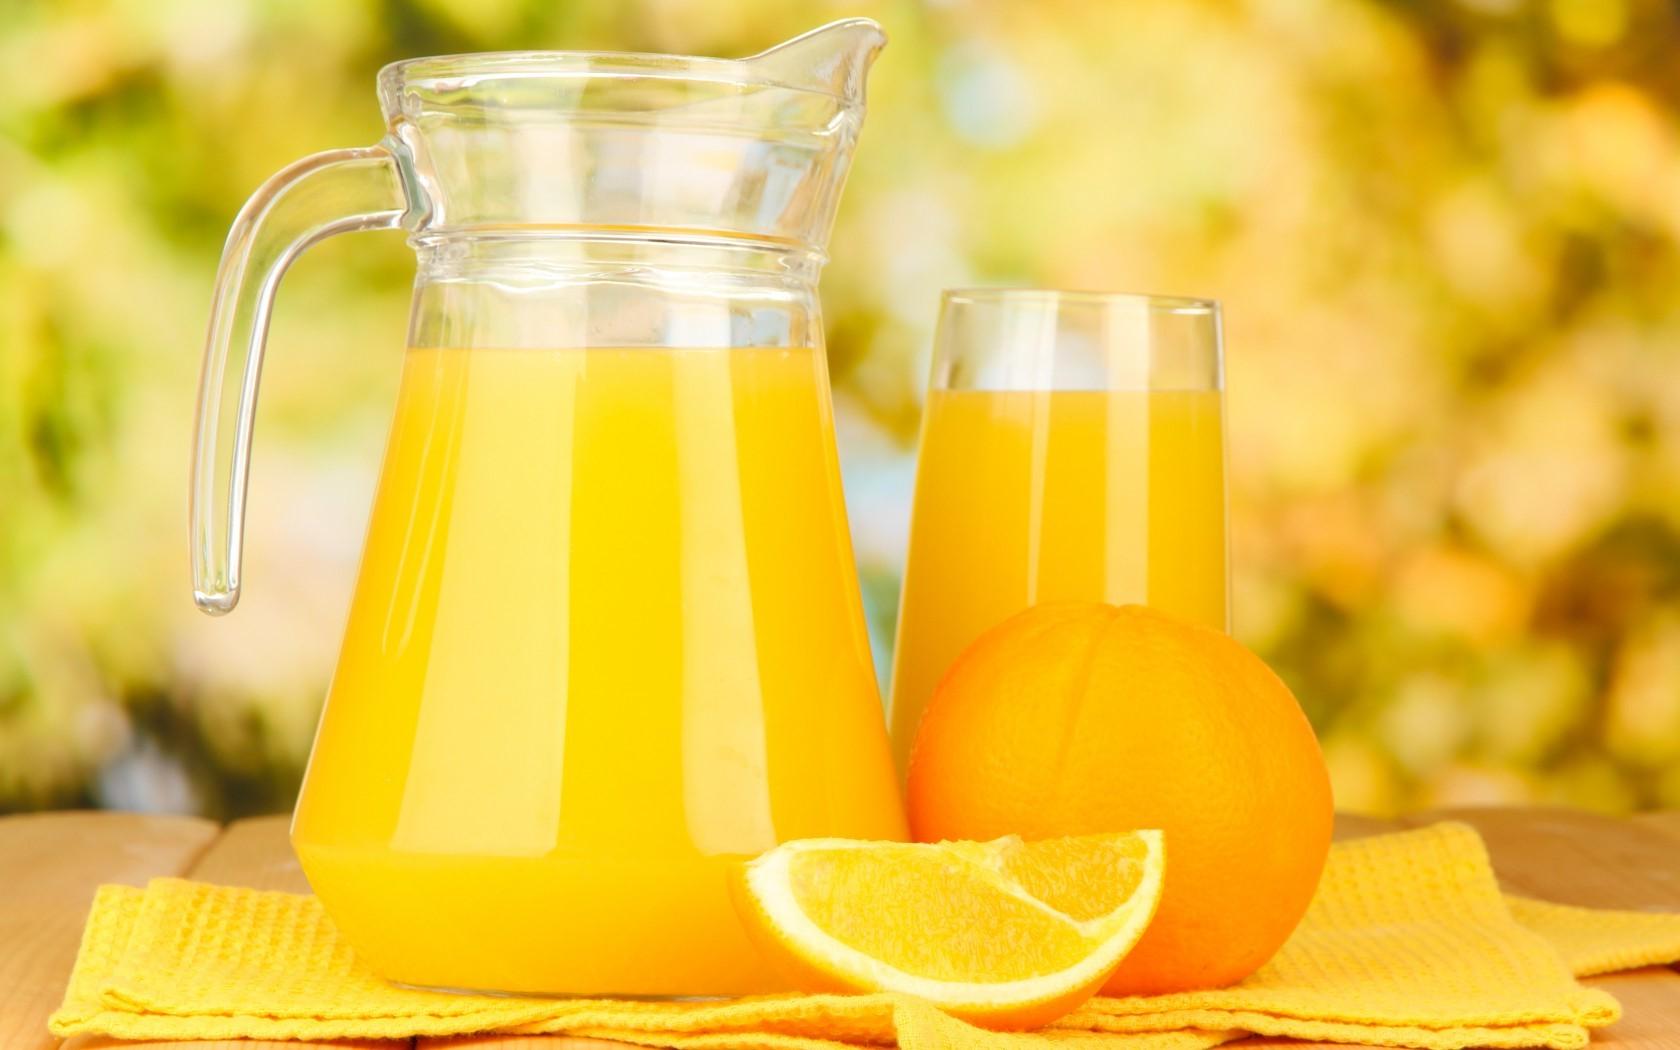 Fresh Orange Juice Wallpaper For Android Wallpaper WallpaperLepi 1680x1050